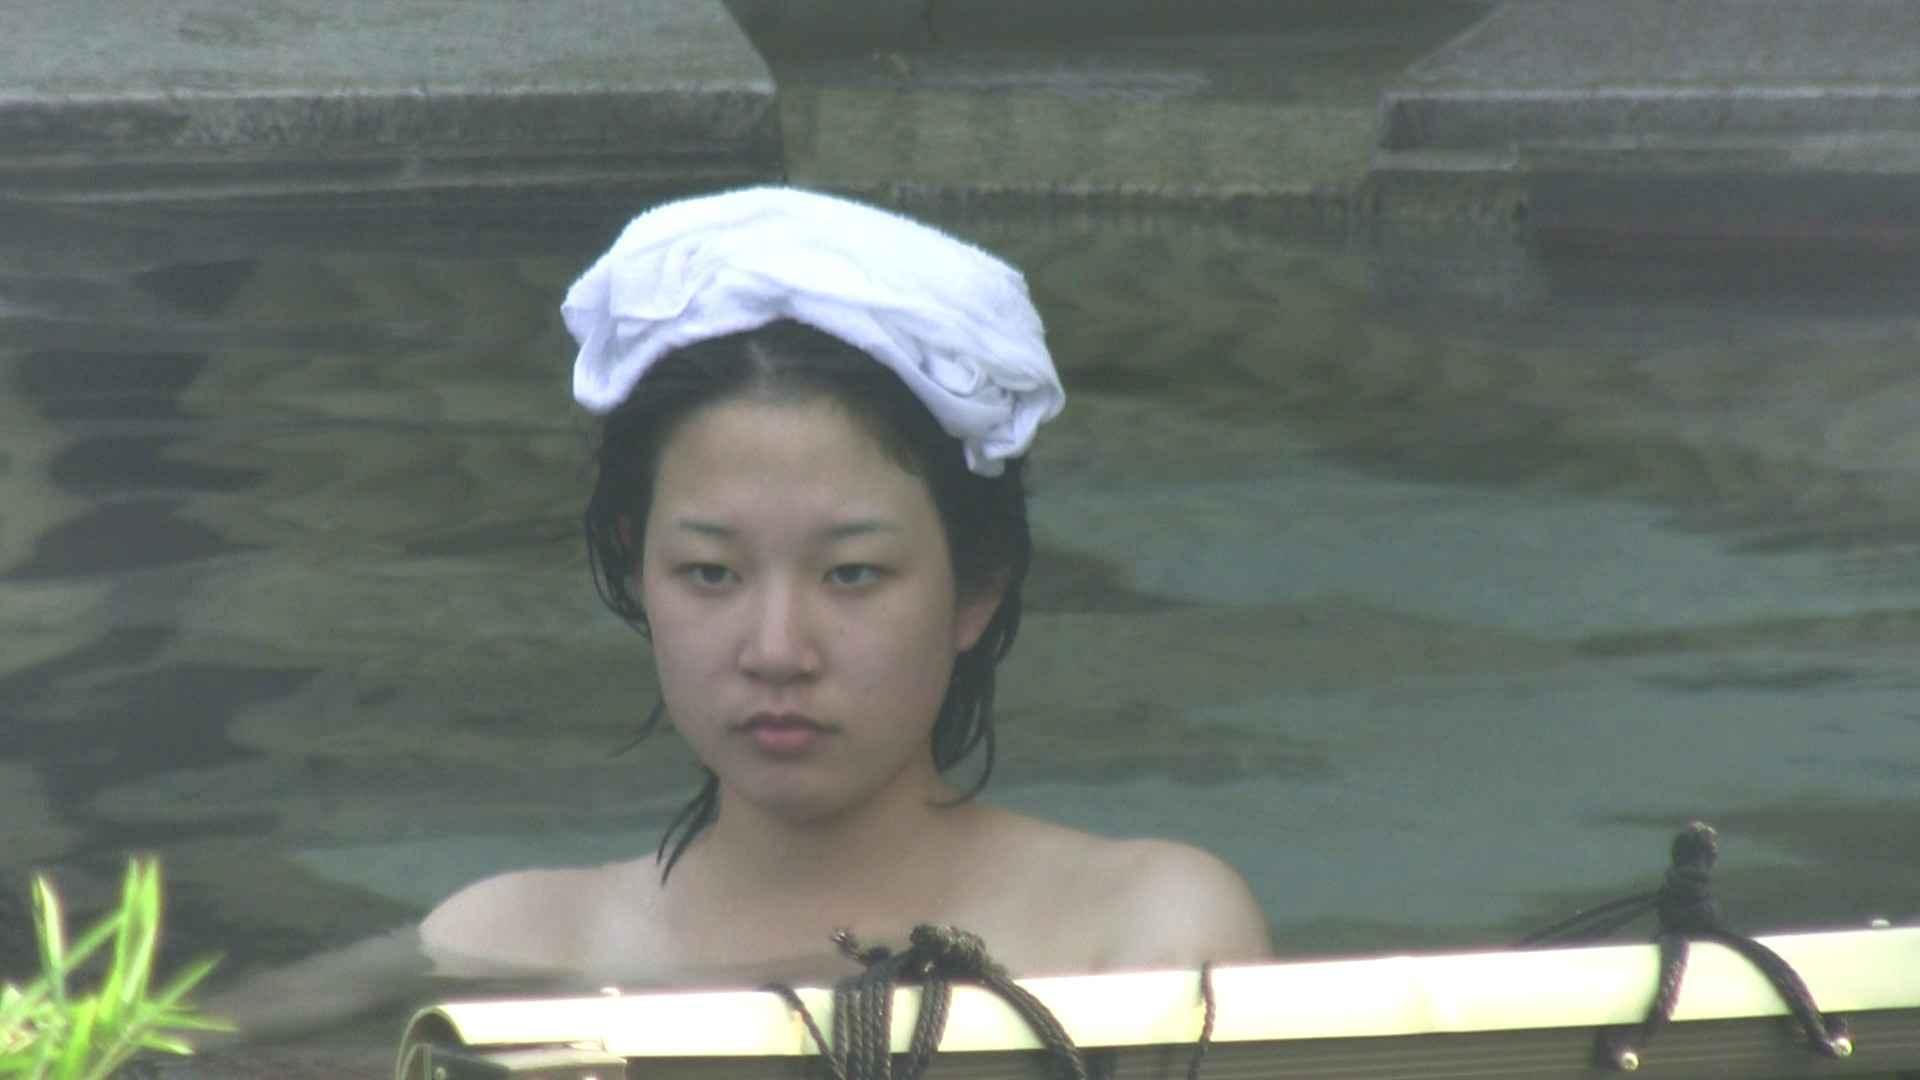 Aquaな露天風呂Vol.172 OL女体 スケベ動画紹介 60連発 26